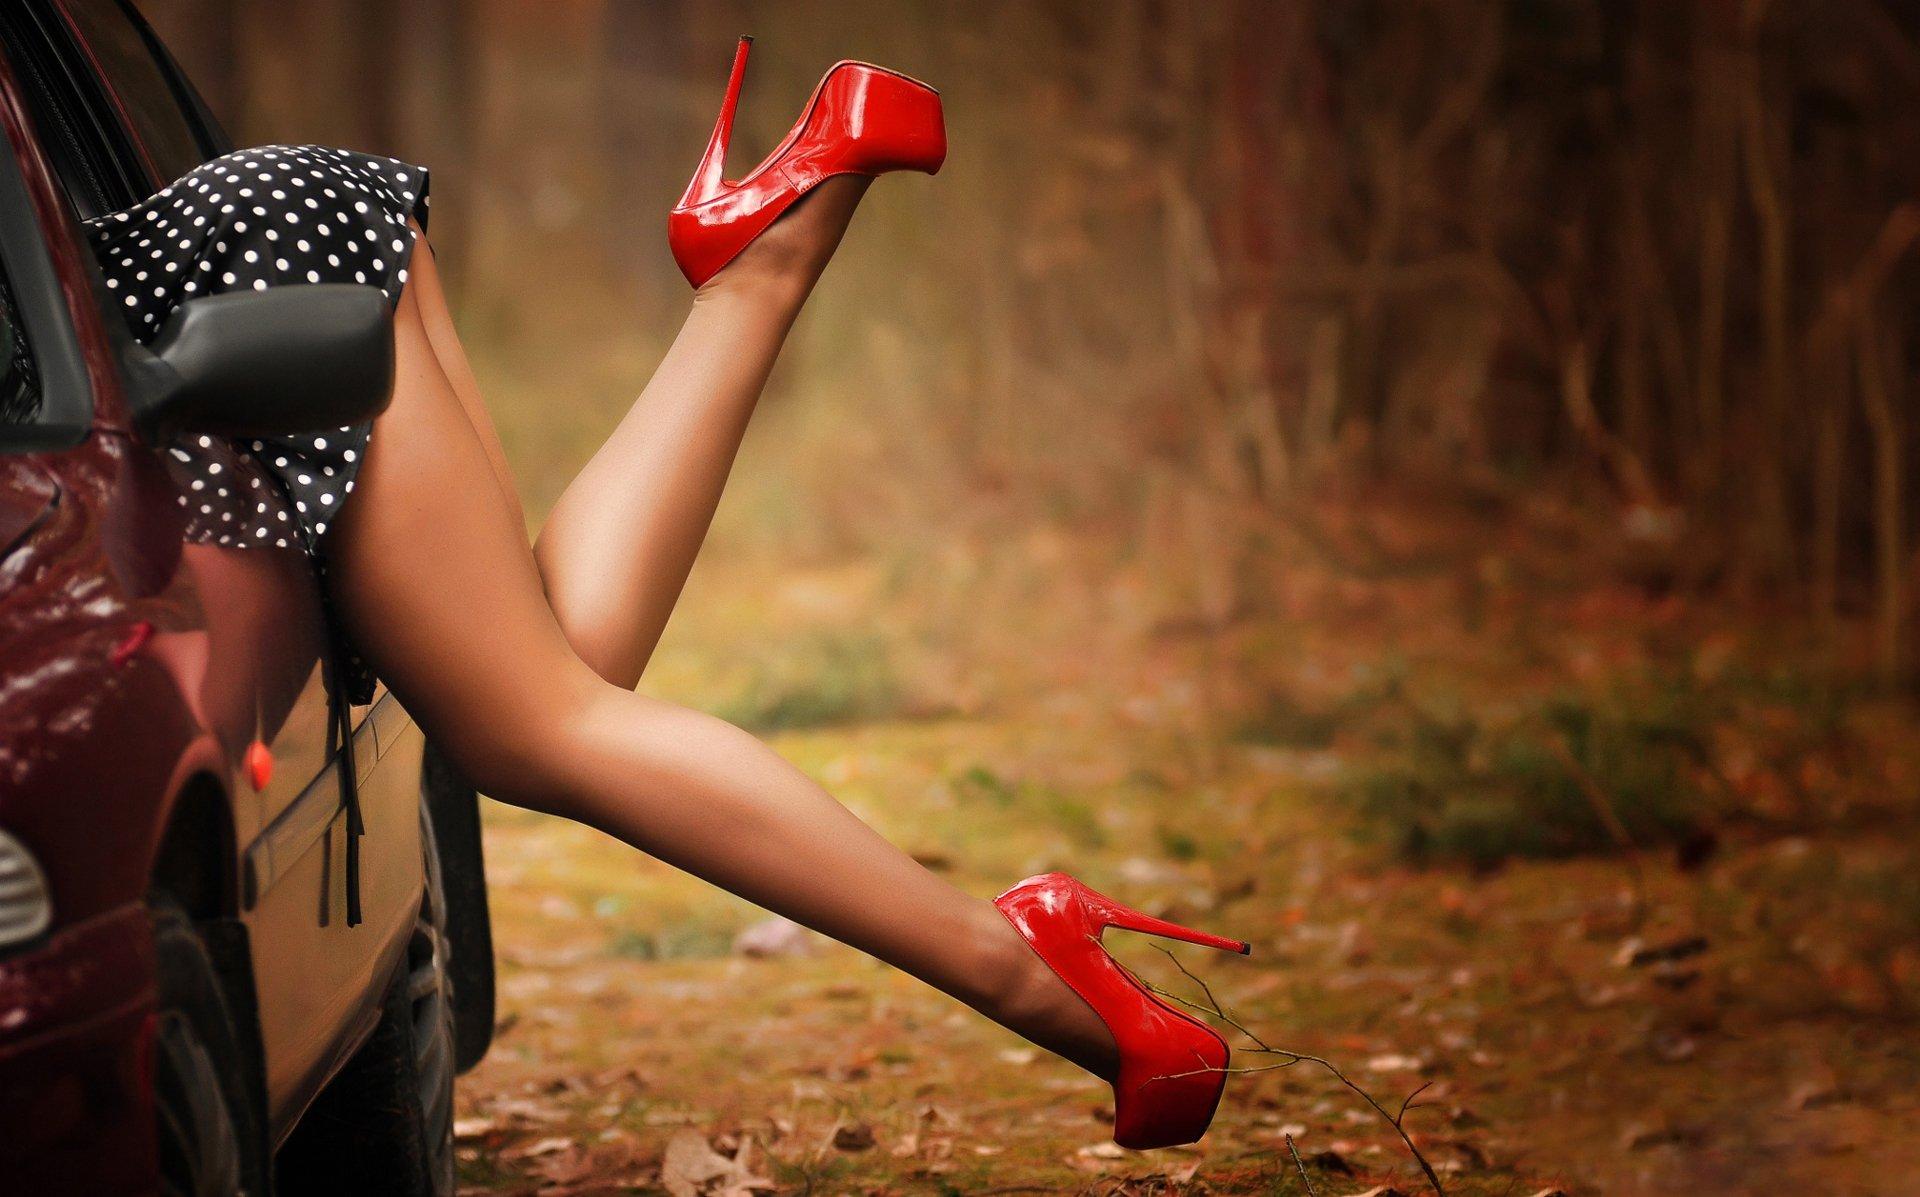 Женские Ножки Видео Скачать На Телефон